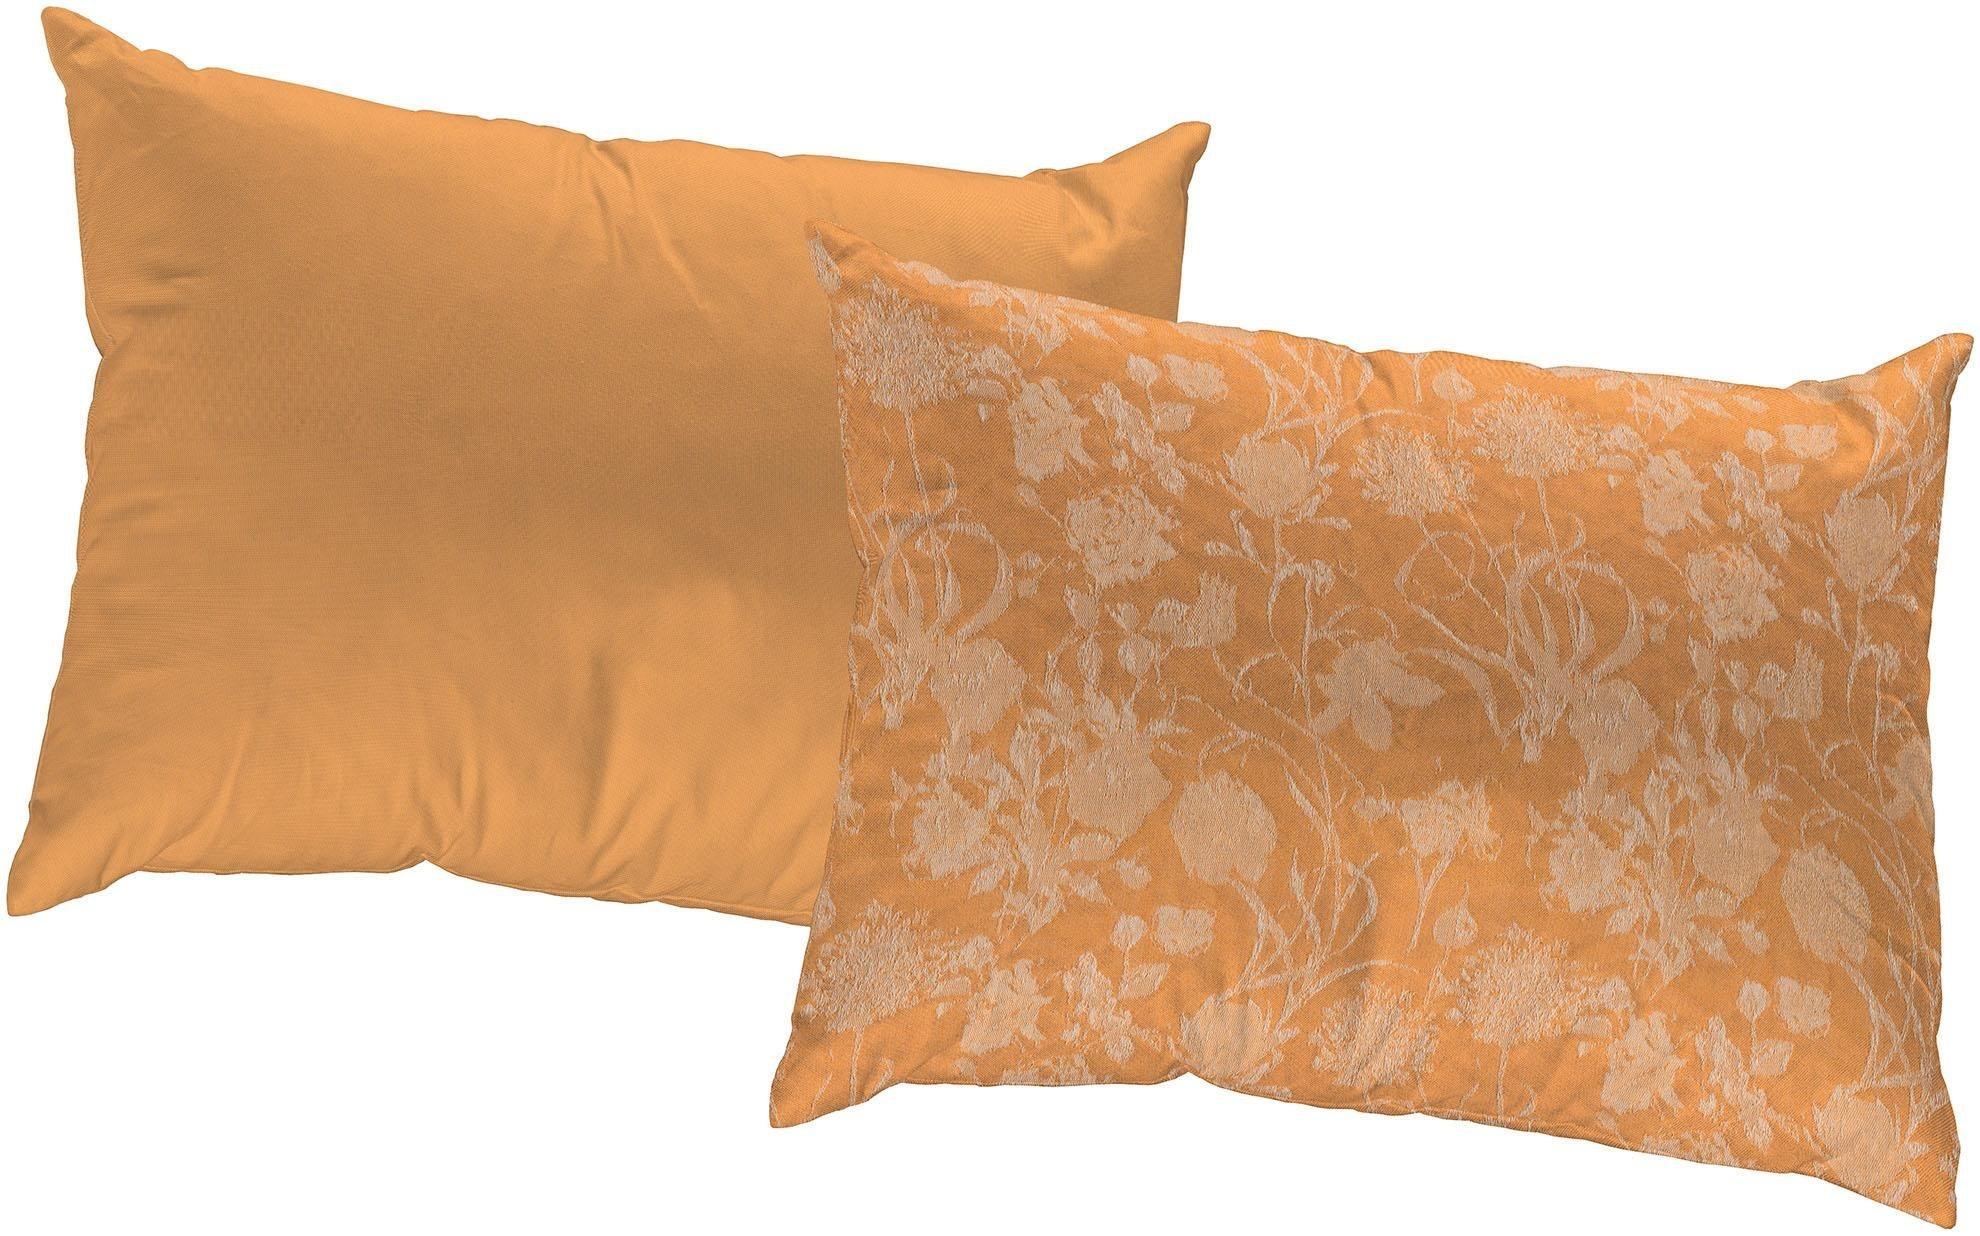 Kissenbezug »Flower Cuveé«, Adam, mit Blumenmuster | Heimtextilien > Bettwäsche und Laken > Kopfkissenbezüge | Baumwolle | Adam